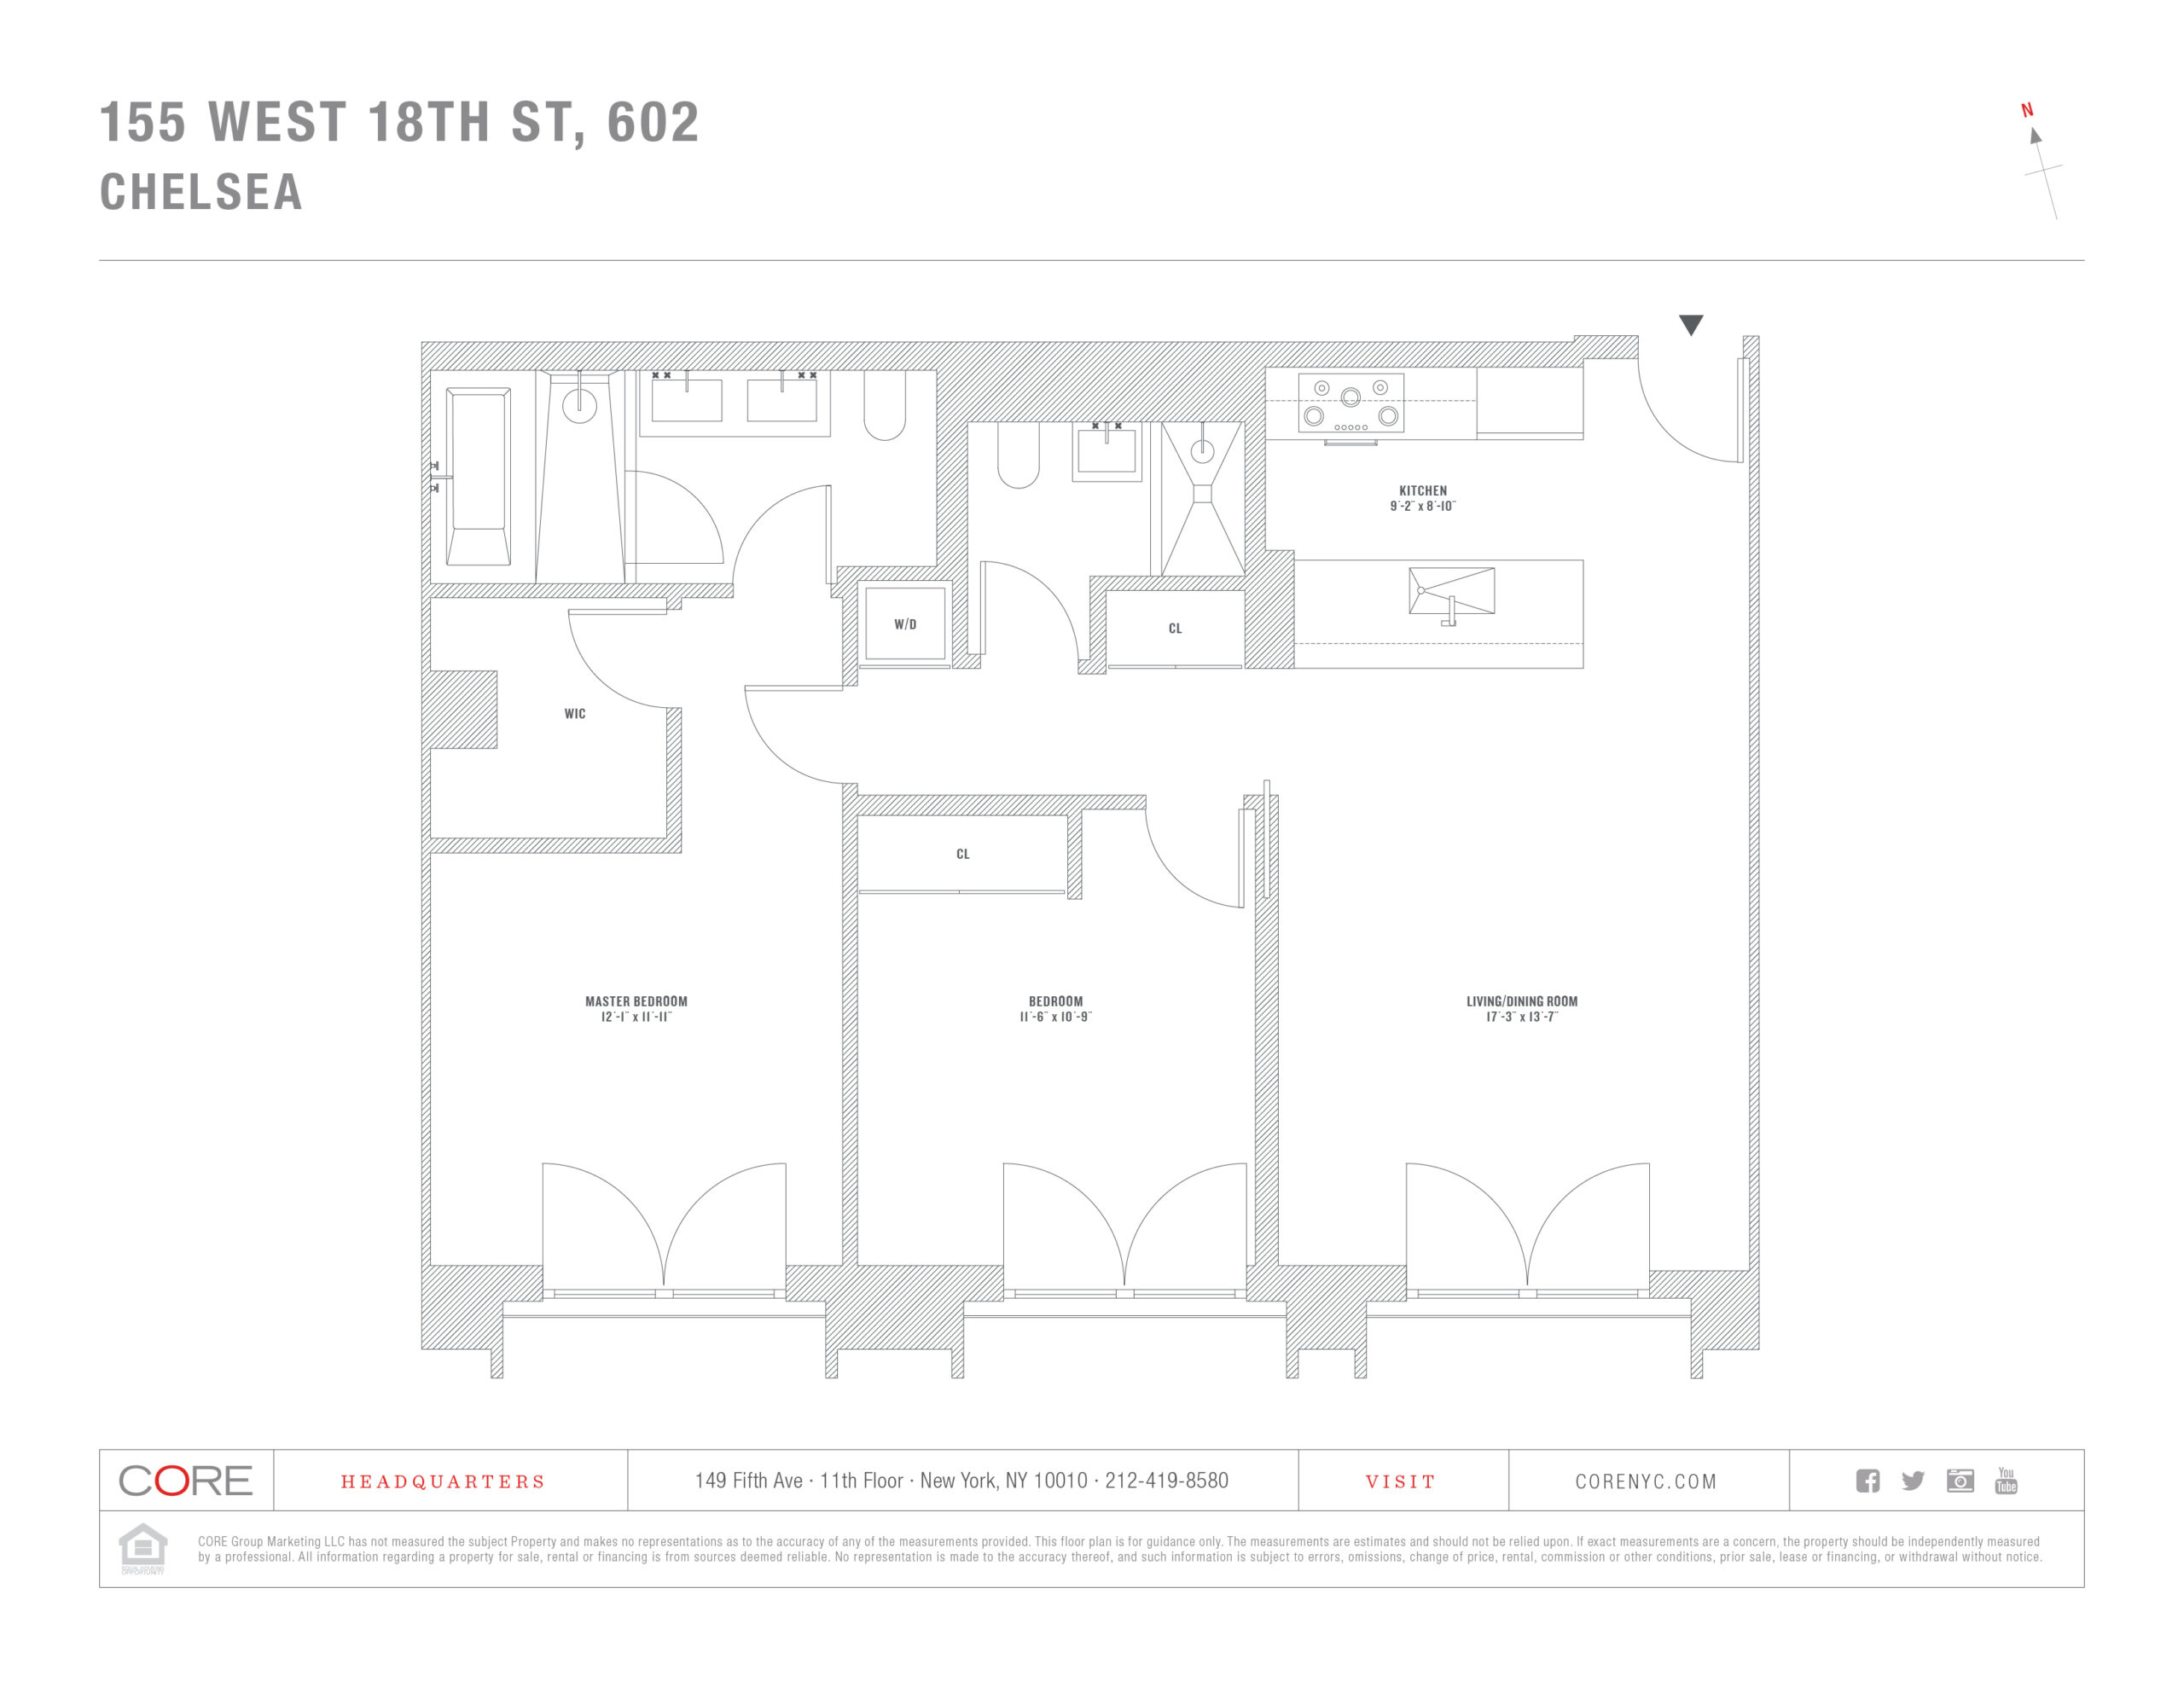 155 West 18th St. 602, New York, NY 10011